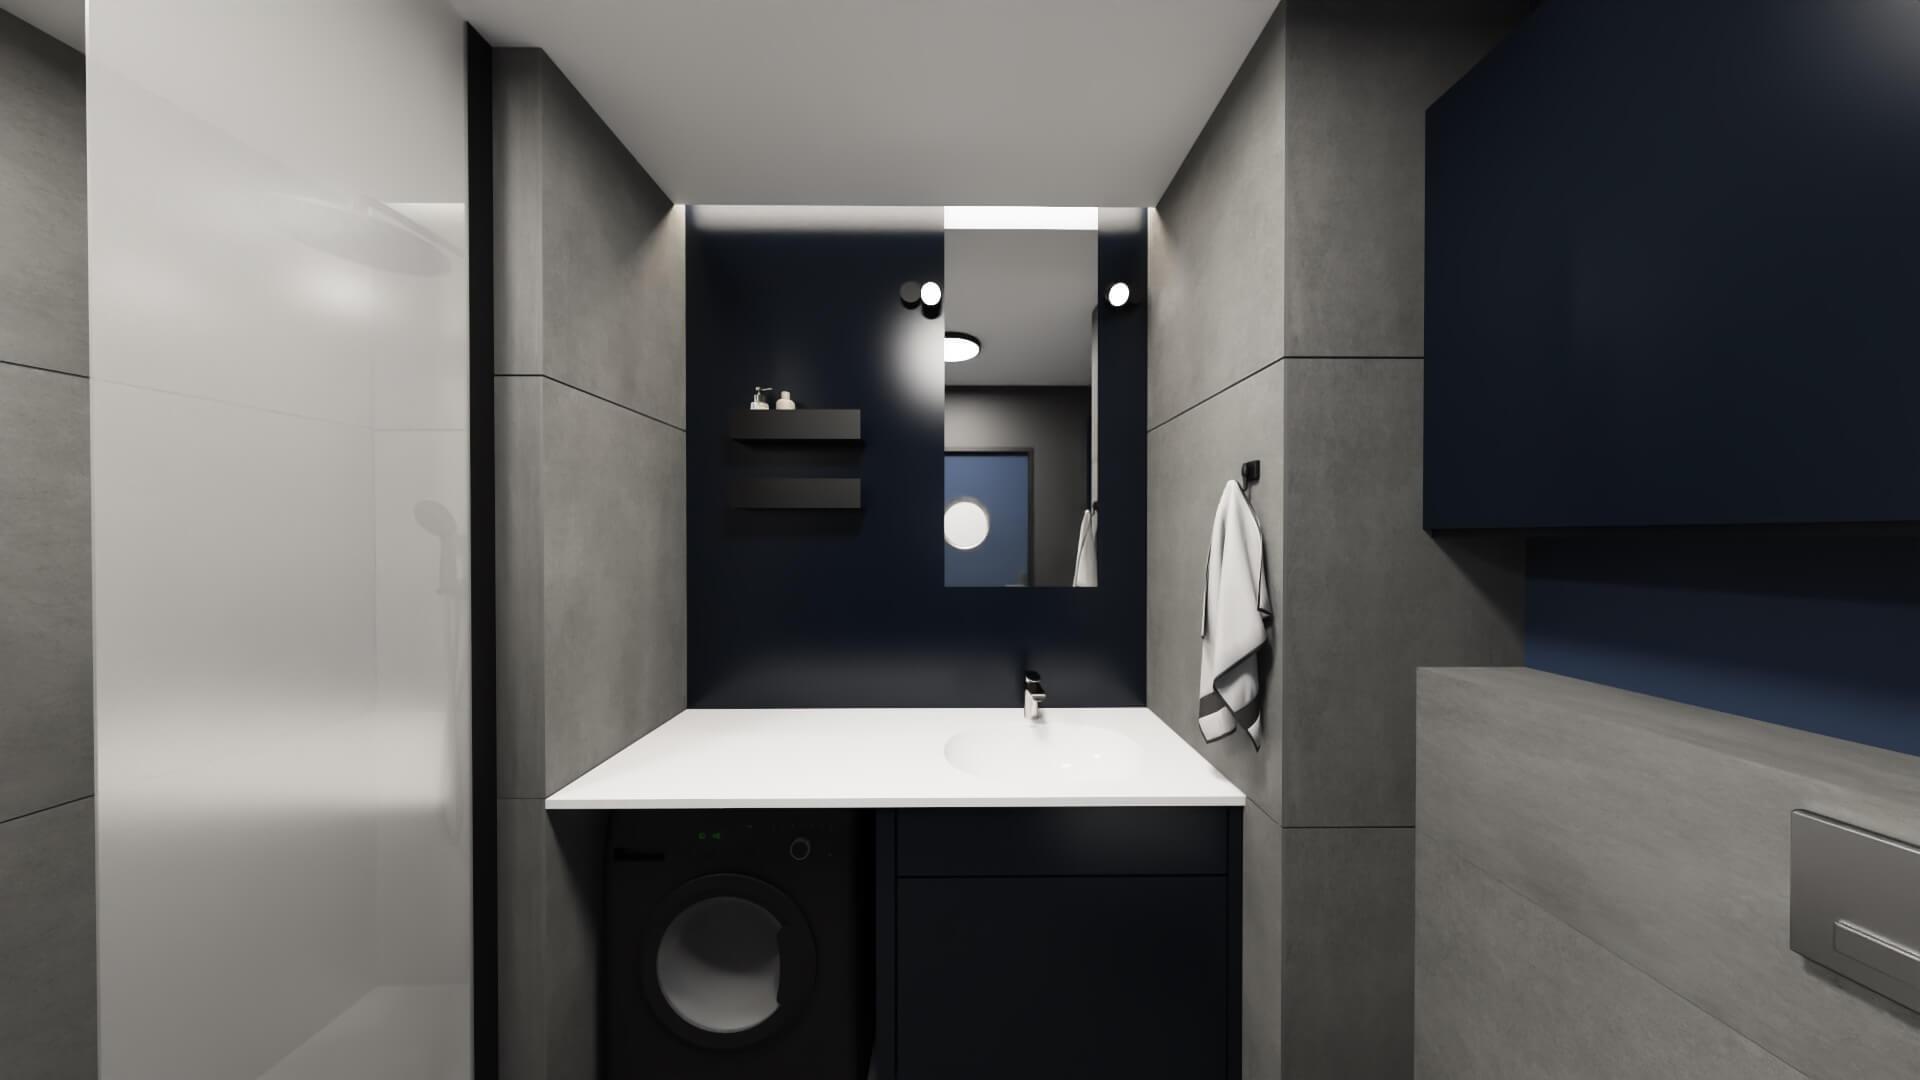 męskie mieszkanie projekt męskiej łazienki szaro granatowa łazienka - granatowa szafka łazienkowa, czarna pralka